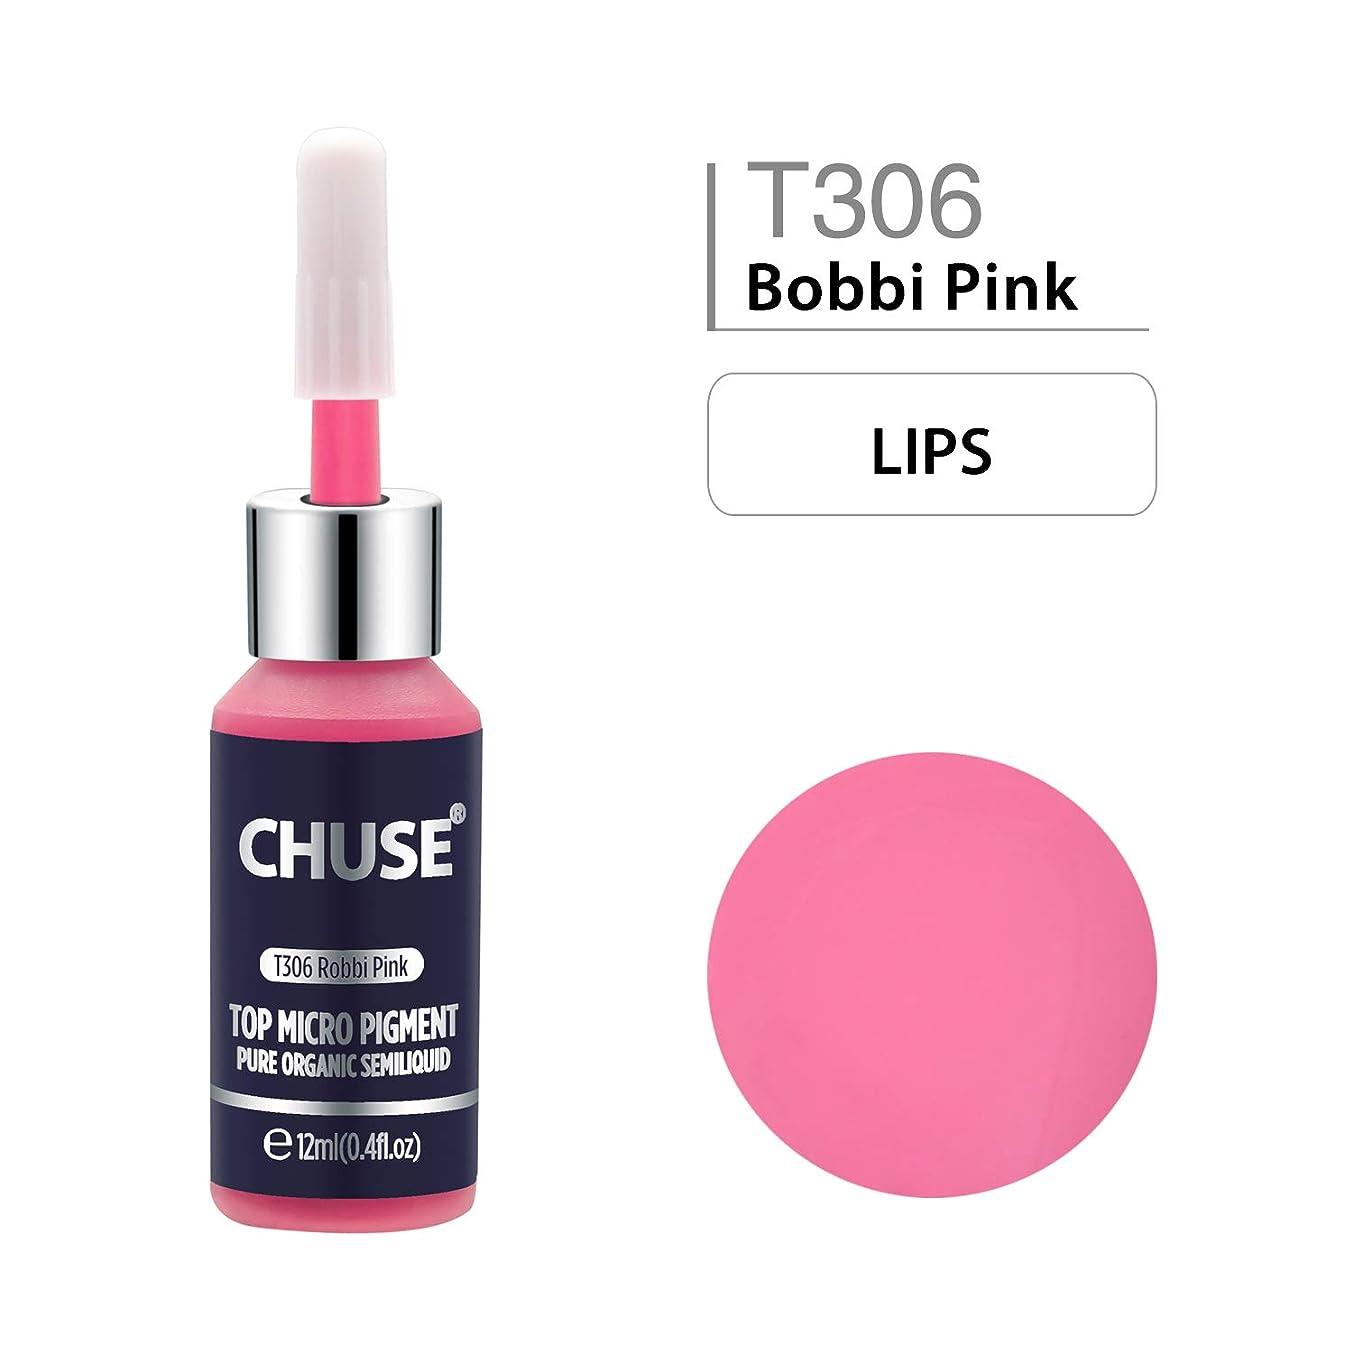 香り形成チャーター(チュース)Chuse T306品質最高アイライナータトゥーカラーメイク色素 ボビーピンク